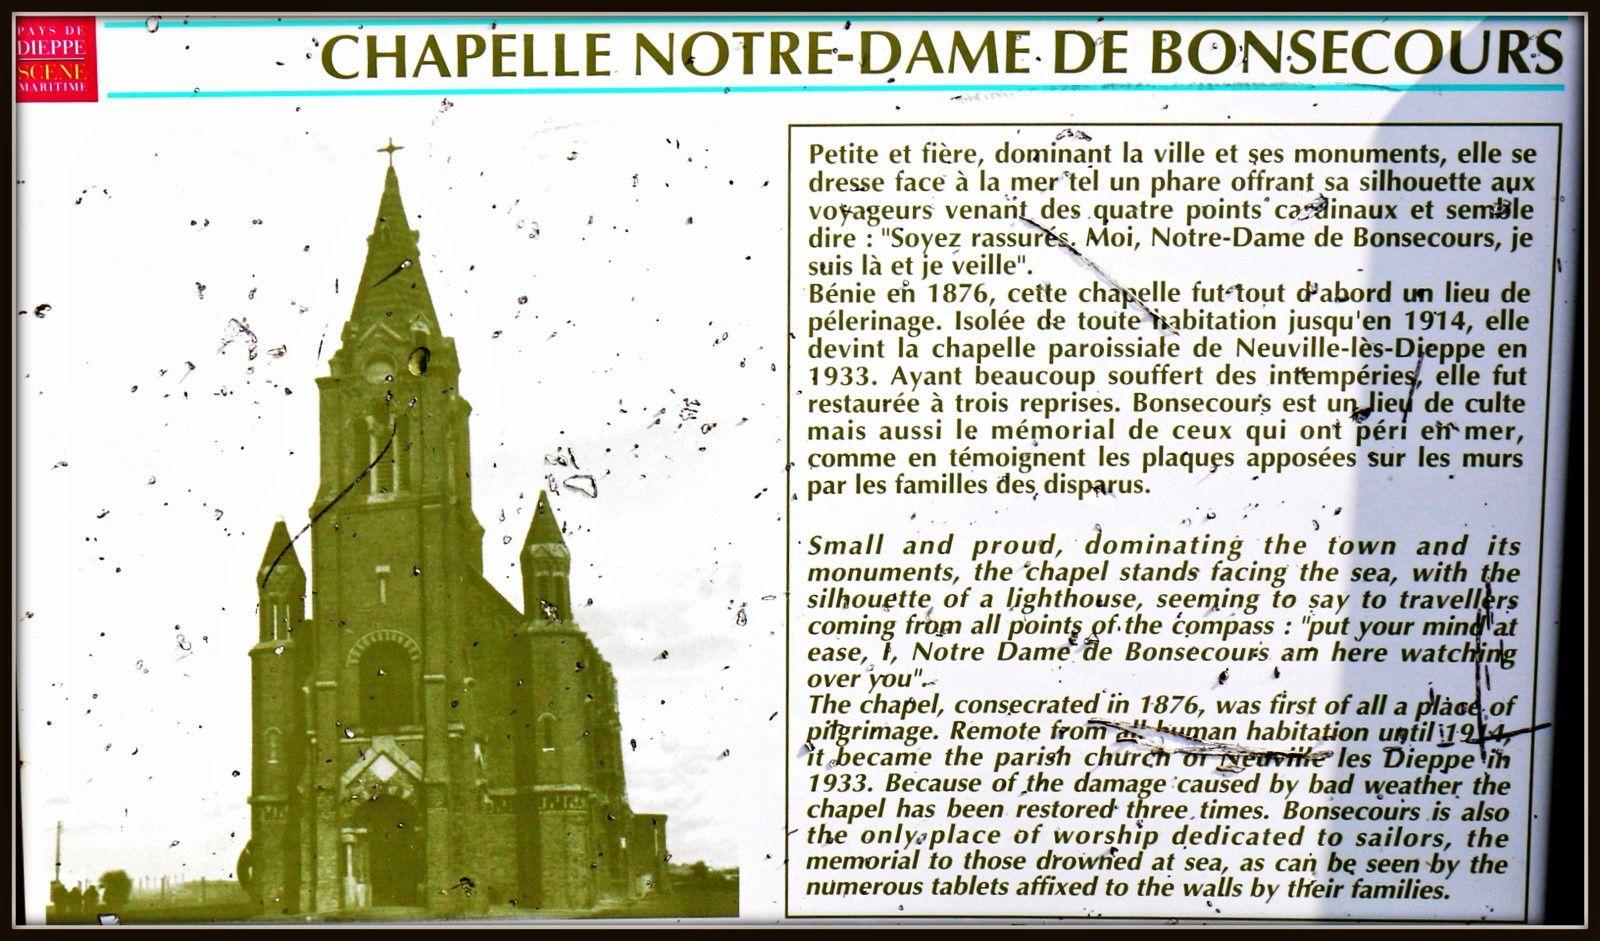 Chapelle Notre-Dame du Bon Secours, Dieppe